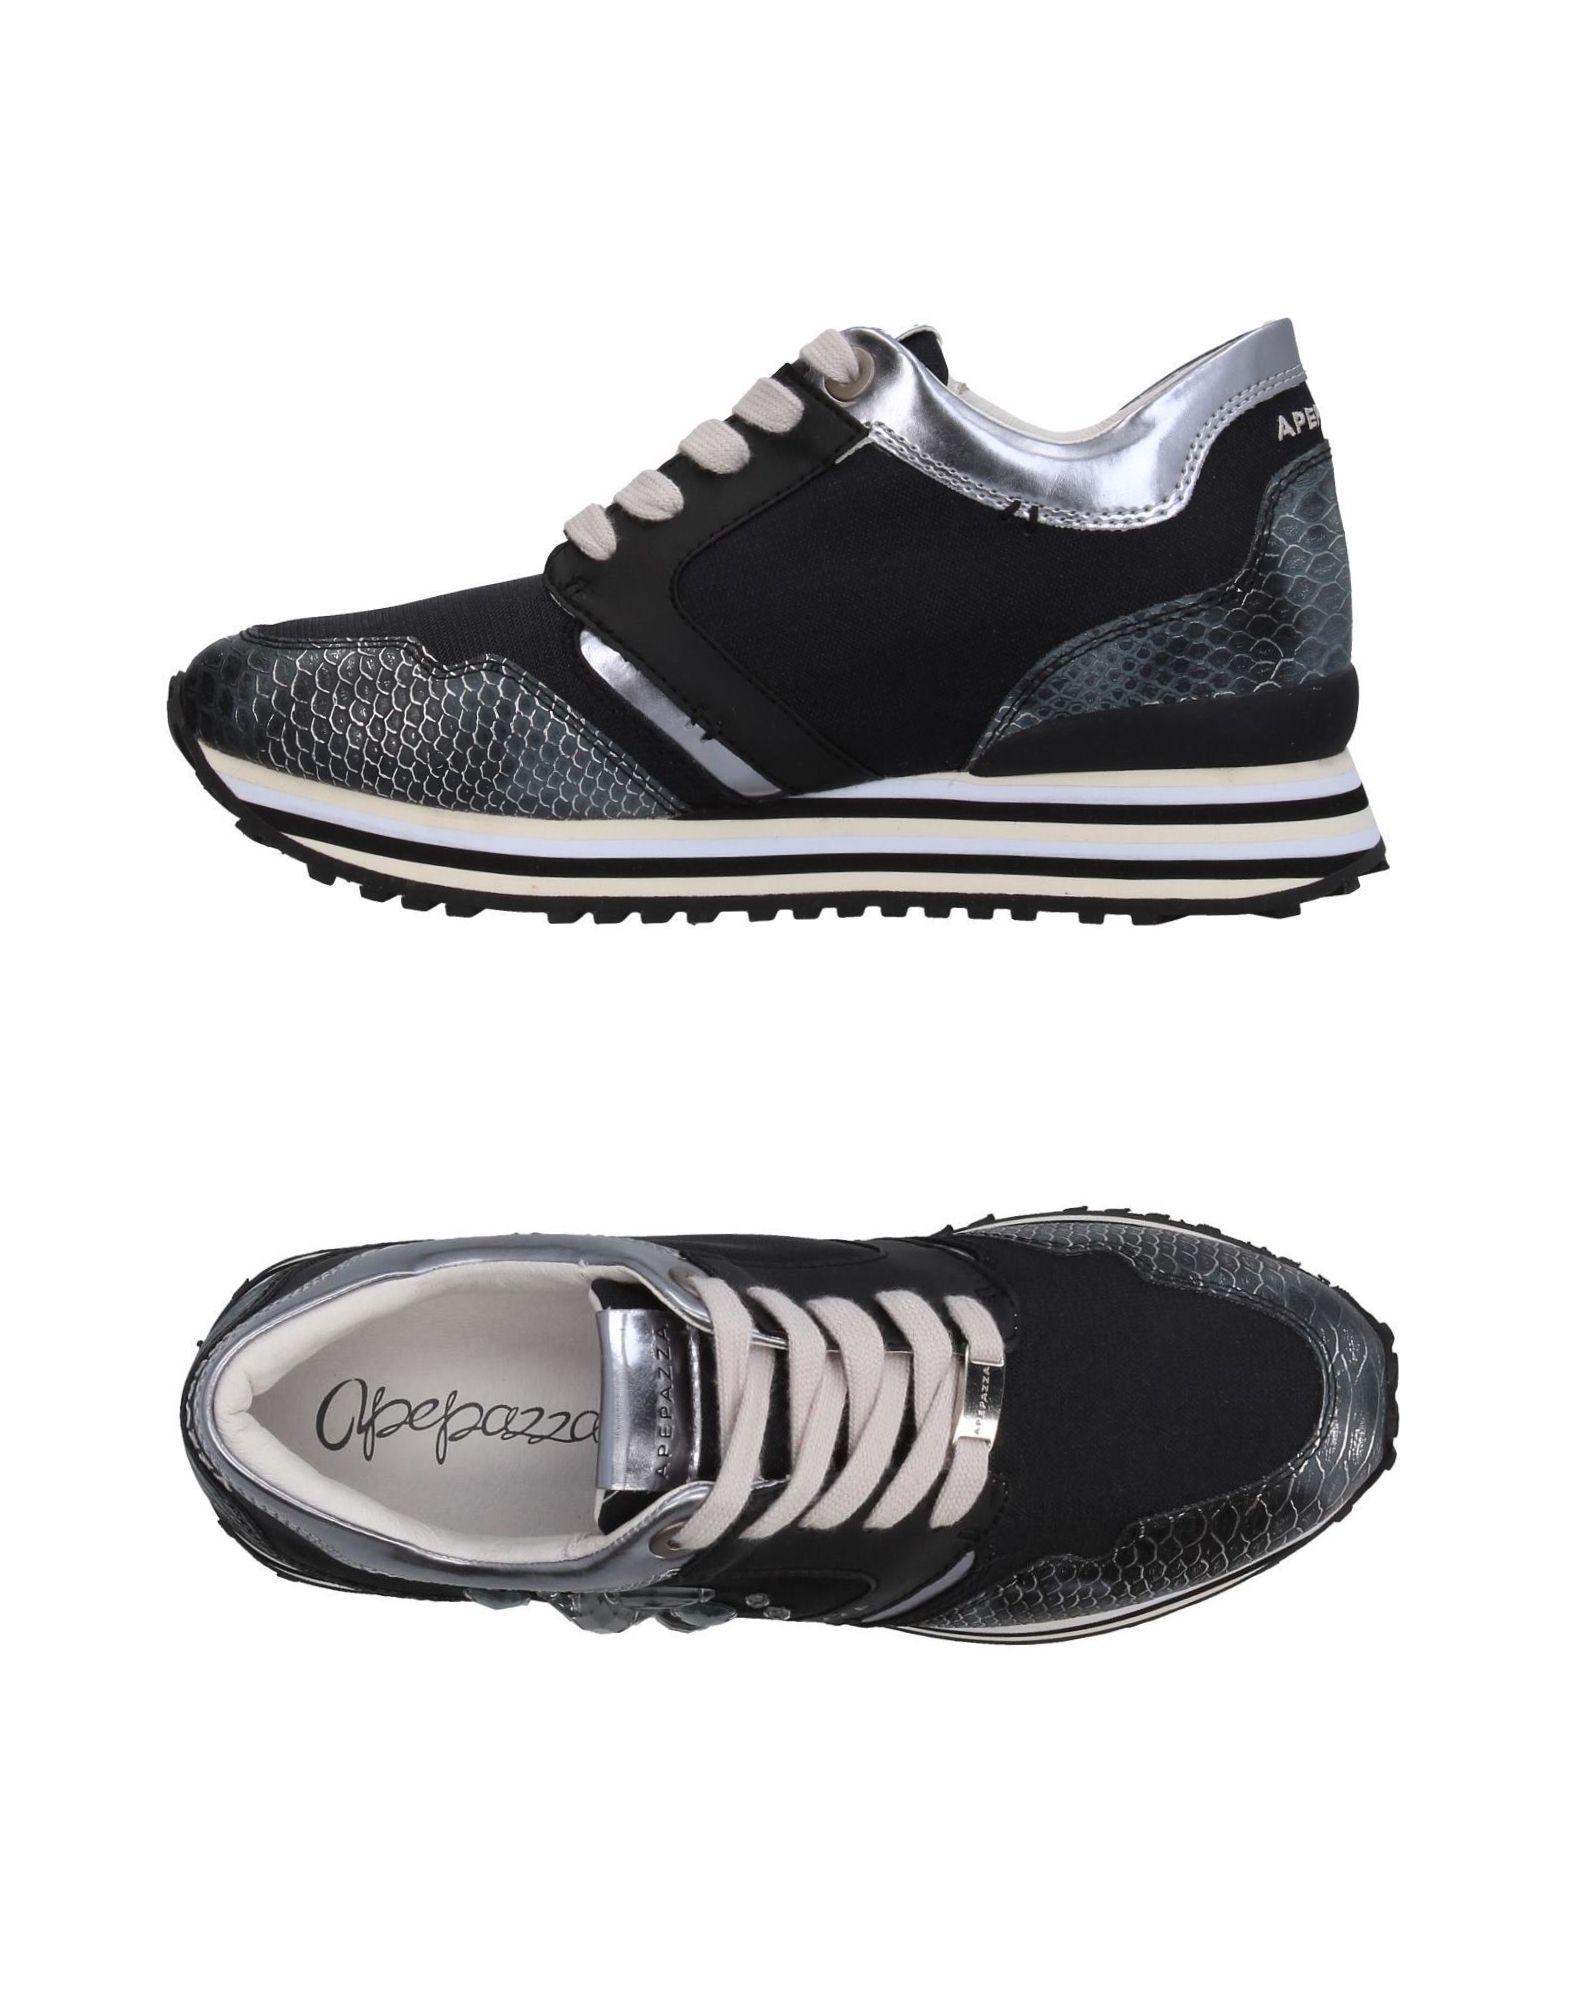 Moda Sneakers Apepazza Donna - 11393953HX